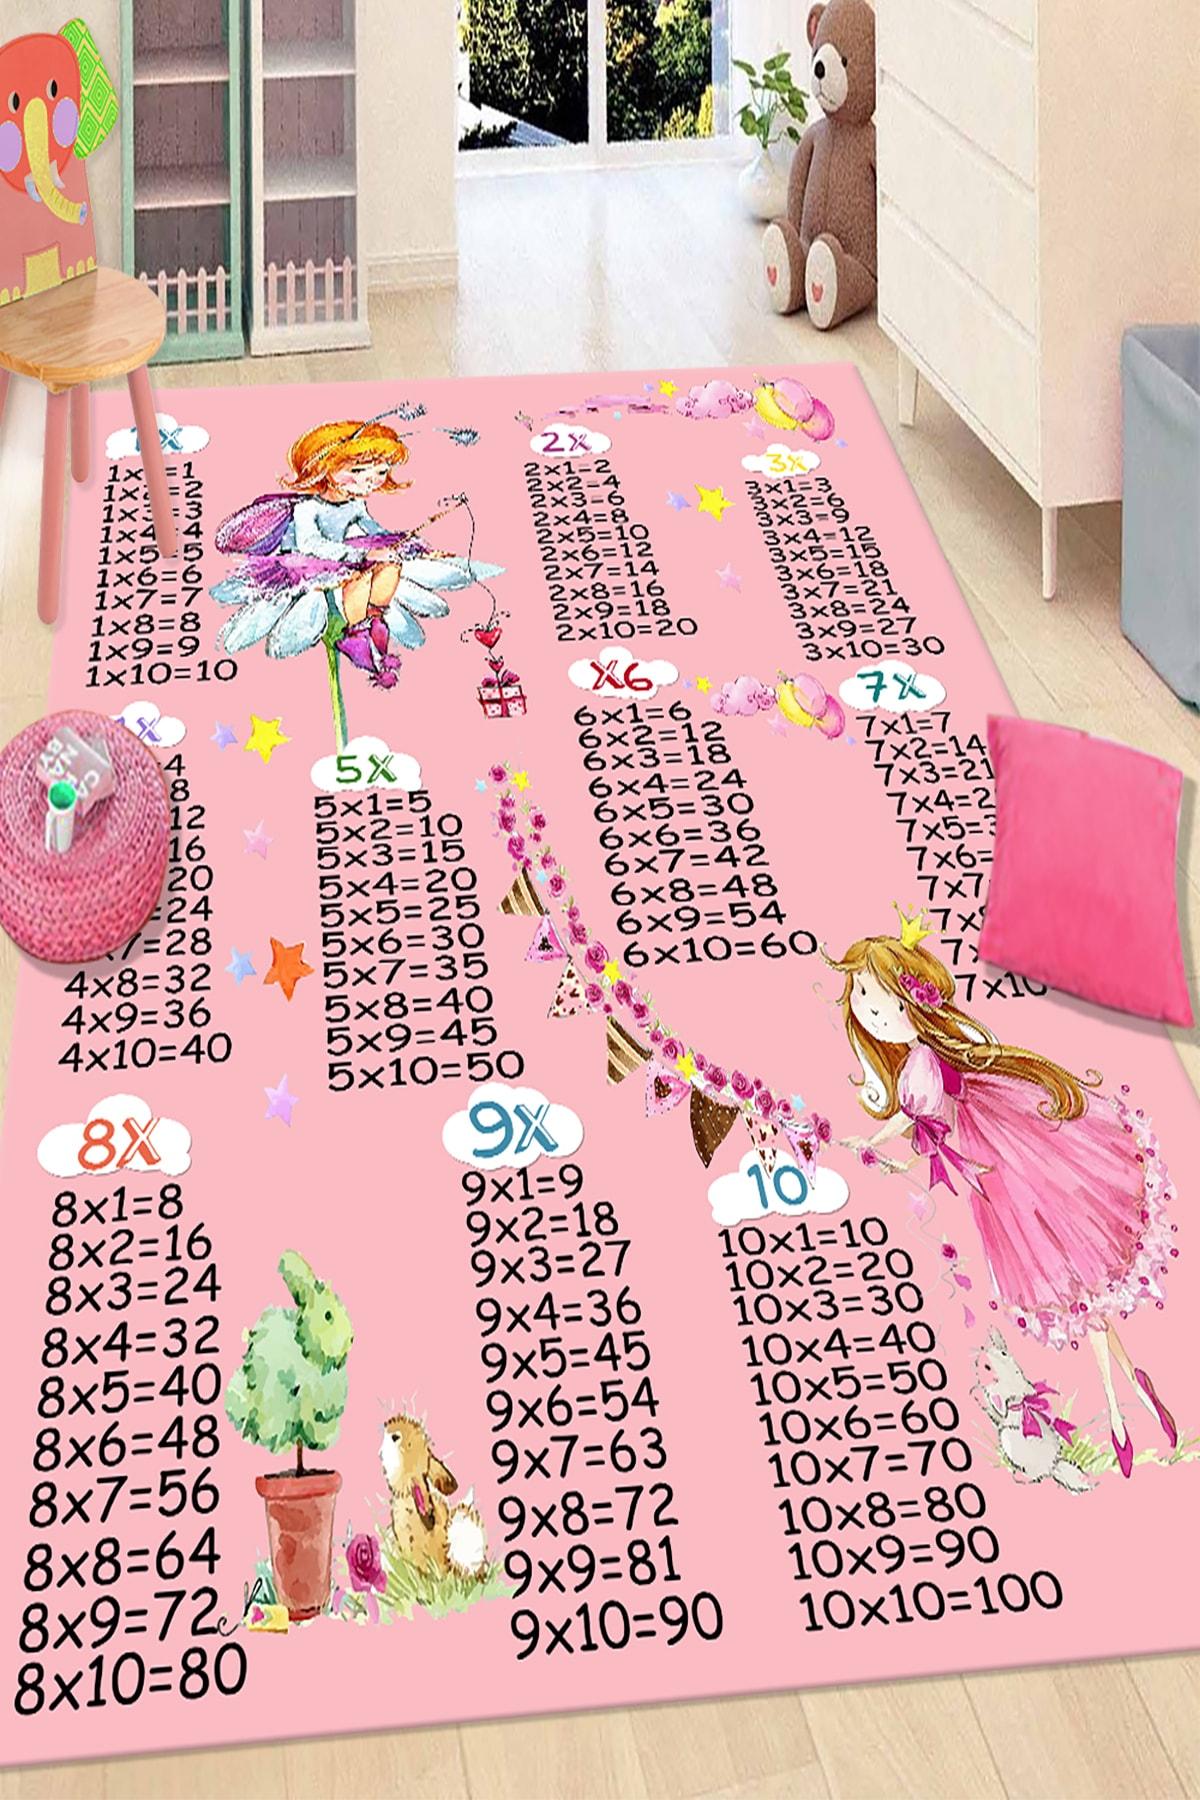 RISSE Pembe Çarpım Tablosu Desenli Renkli Çocuk Halısı 1